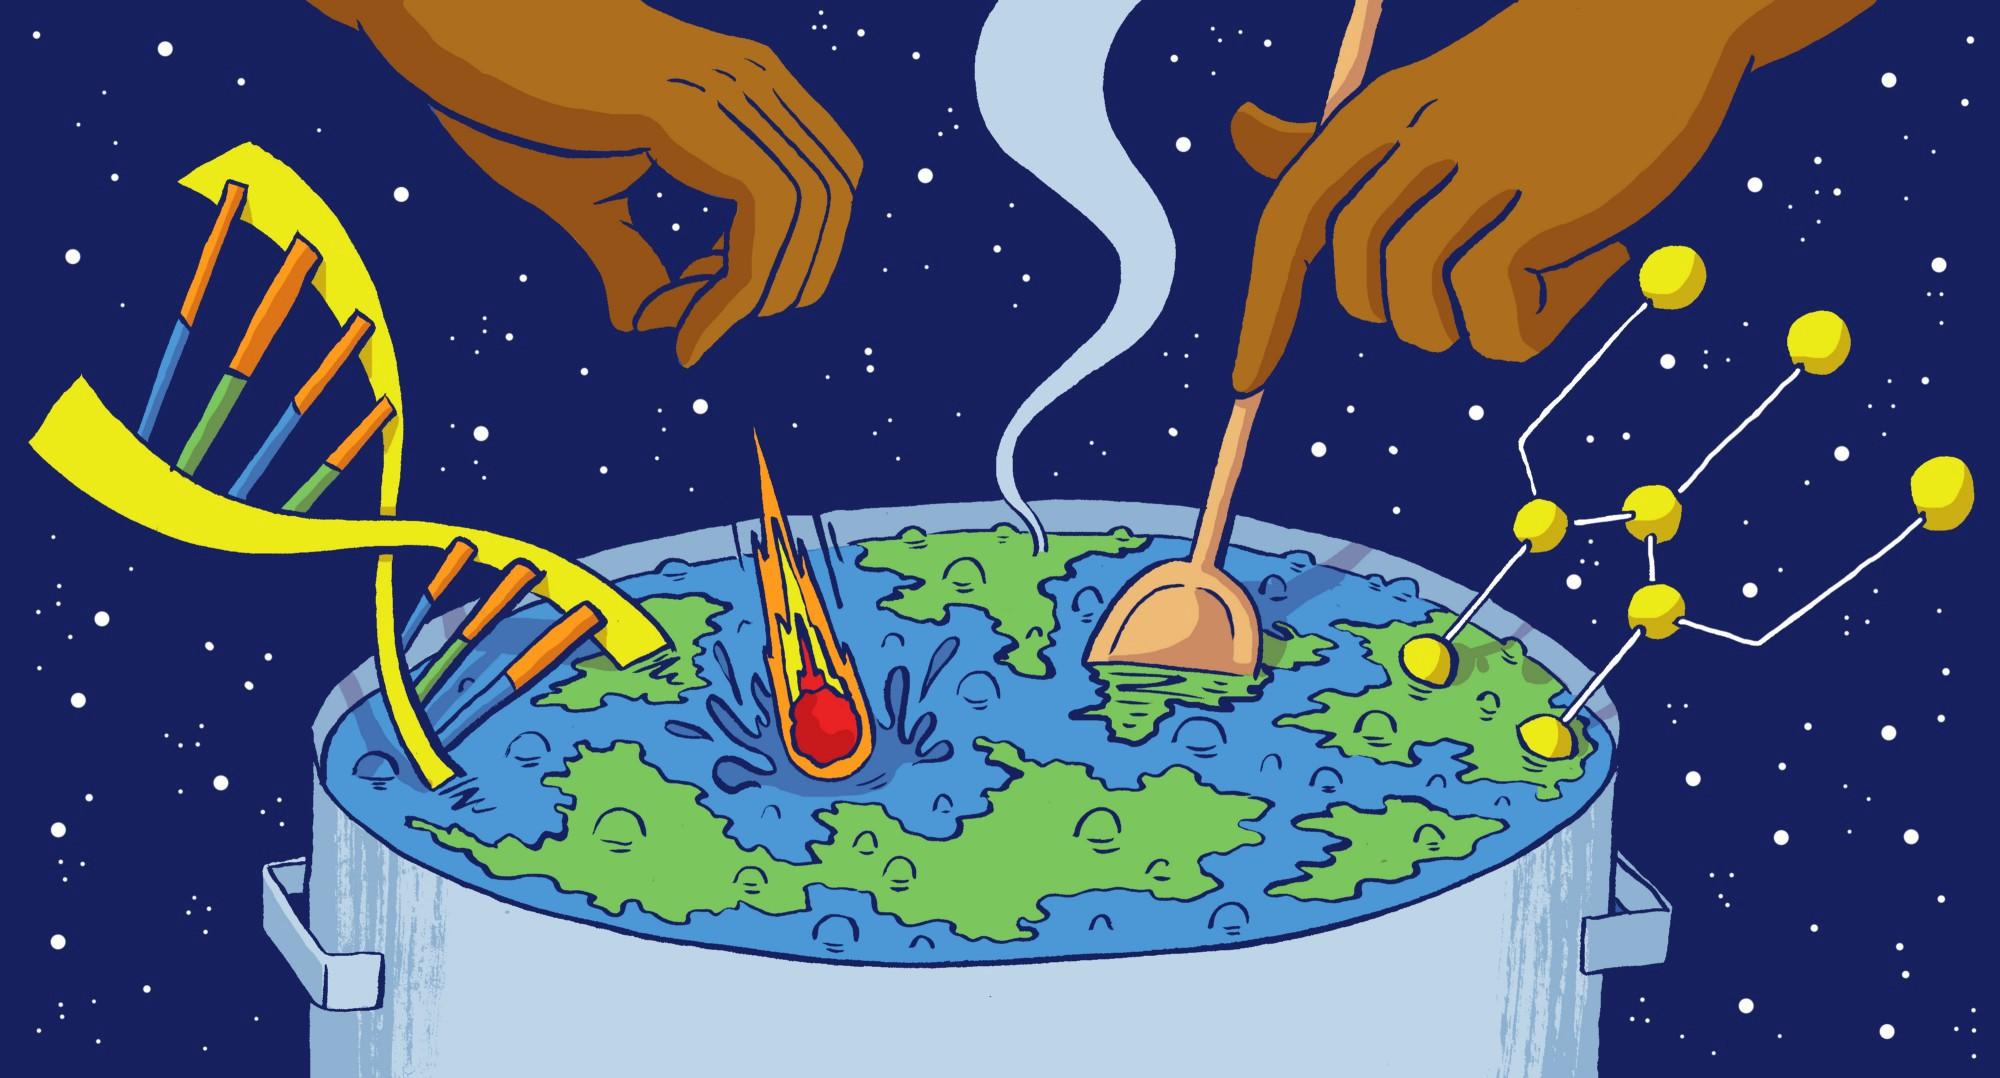 Зарождение жизни на Земле оказалось возможным. Но значит ли это, что на других планетах тоже есть разумная жизнь?